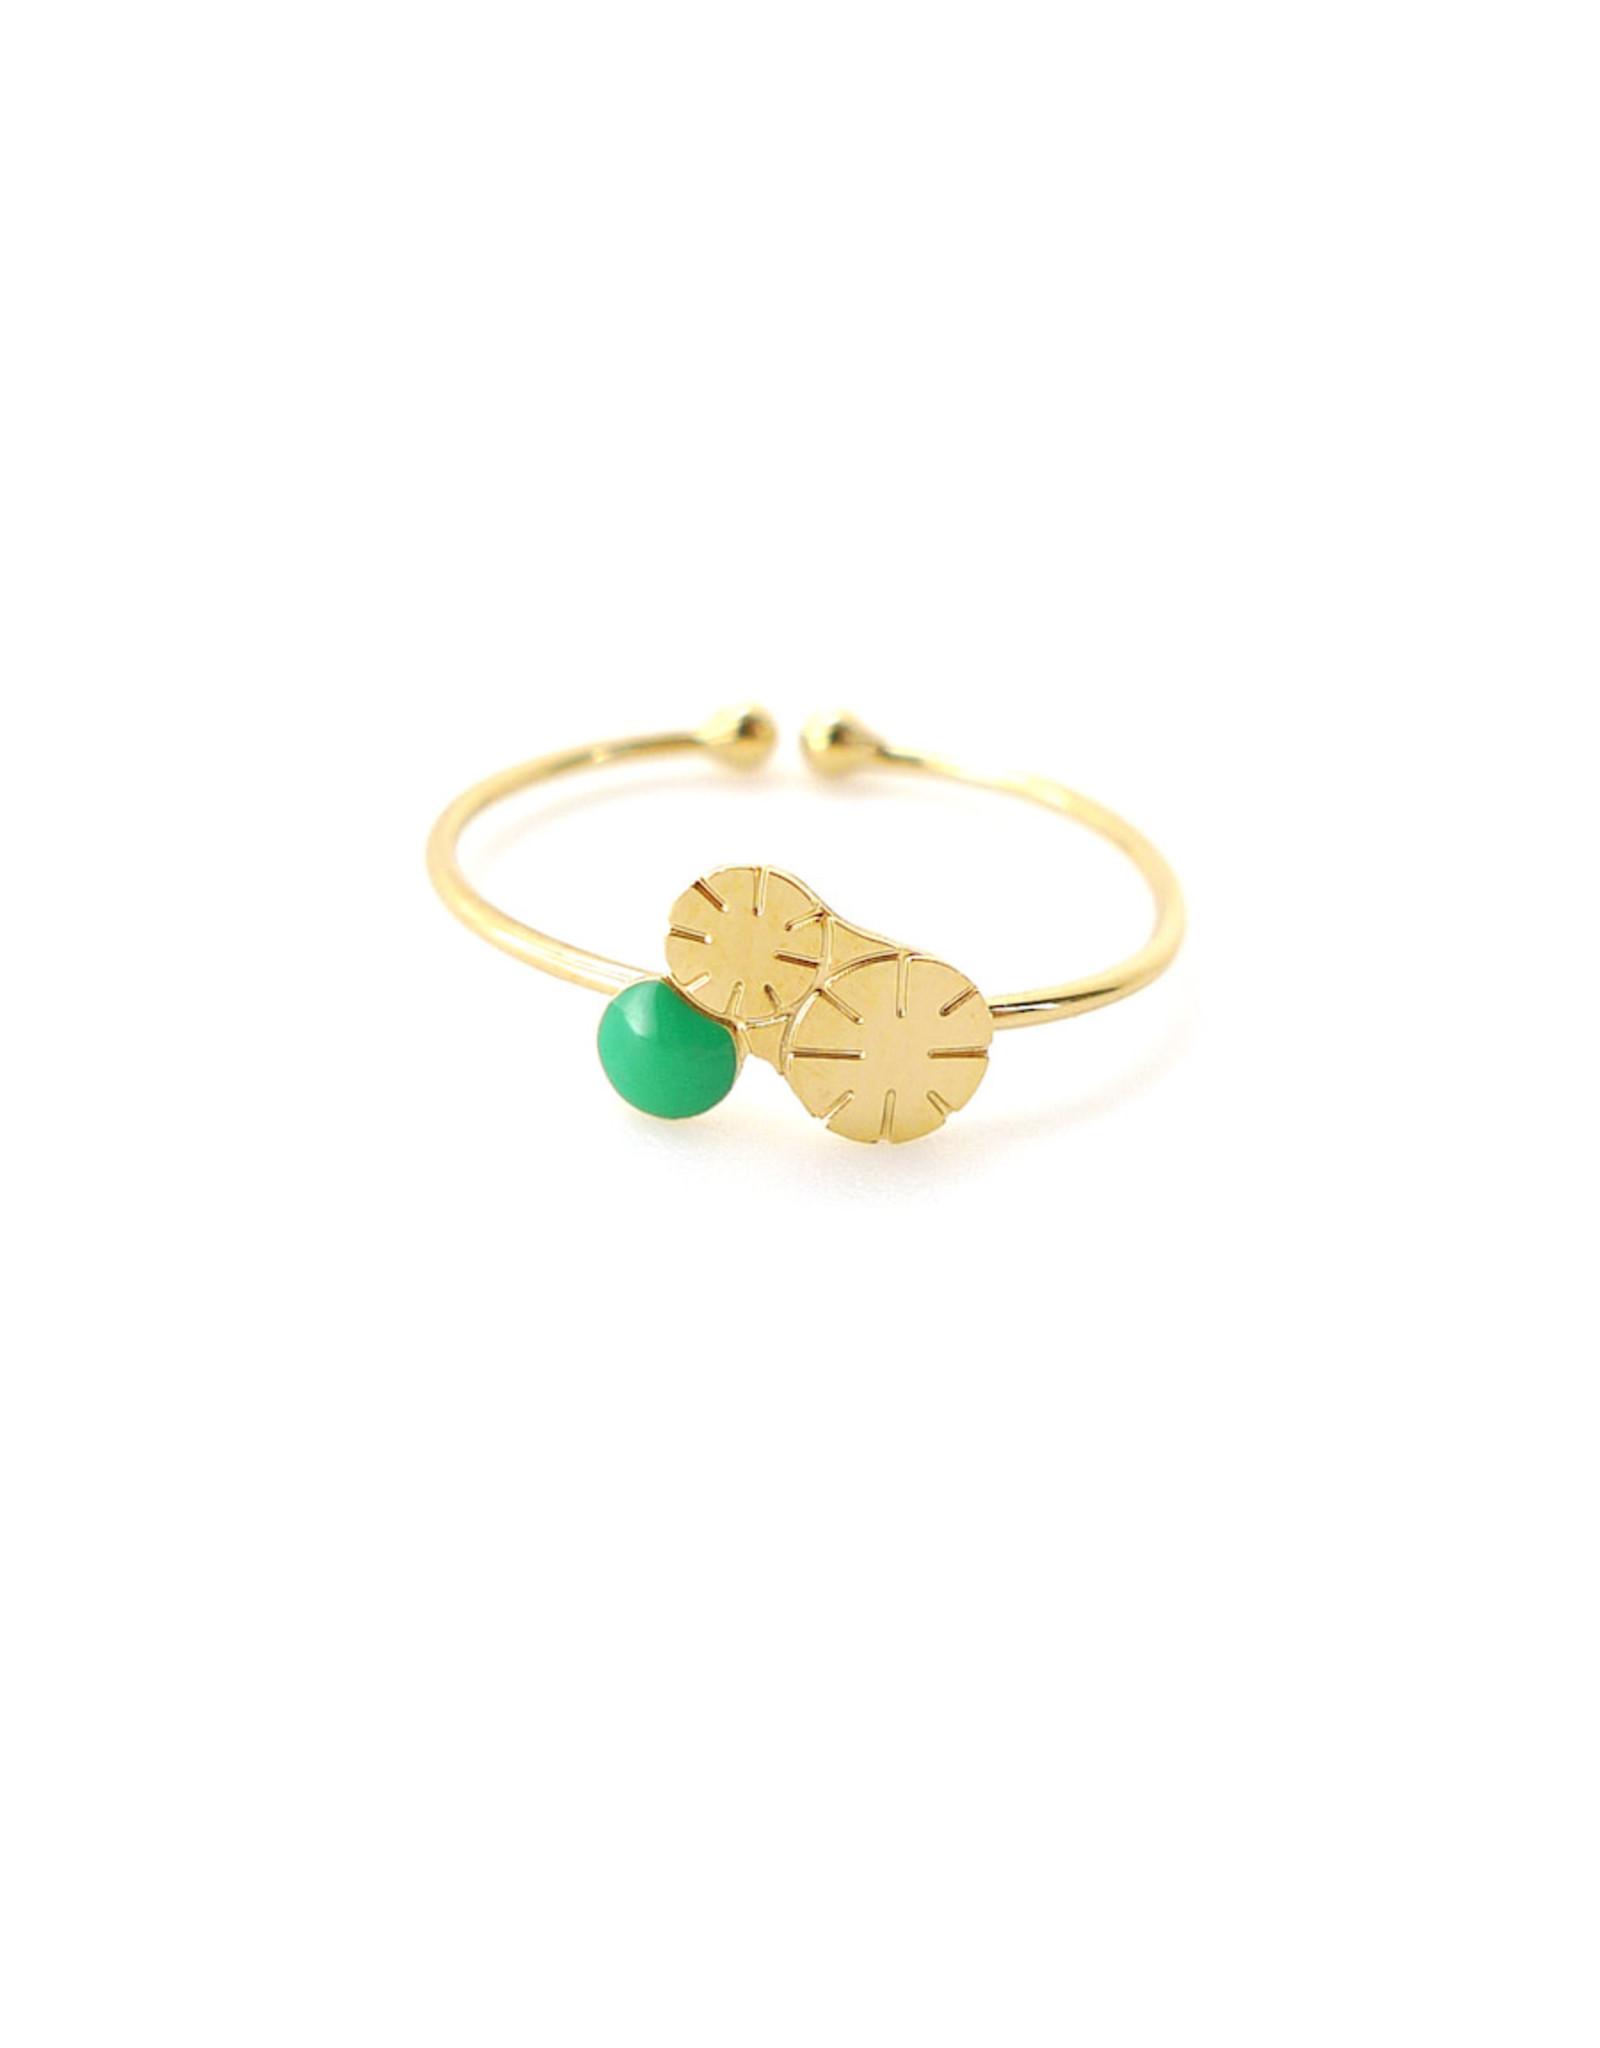 Nadja Carlotti Ring Berry - Groen - Messing Verguld - Geïnspireerd op een bloem - Verstelbaar - Patroon B 0,9 x H 0,7 cm